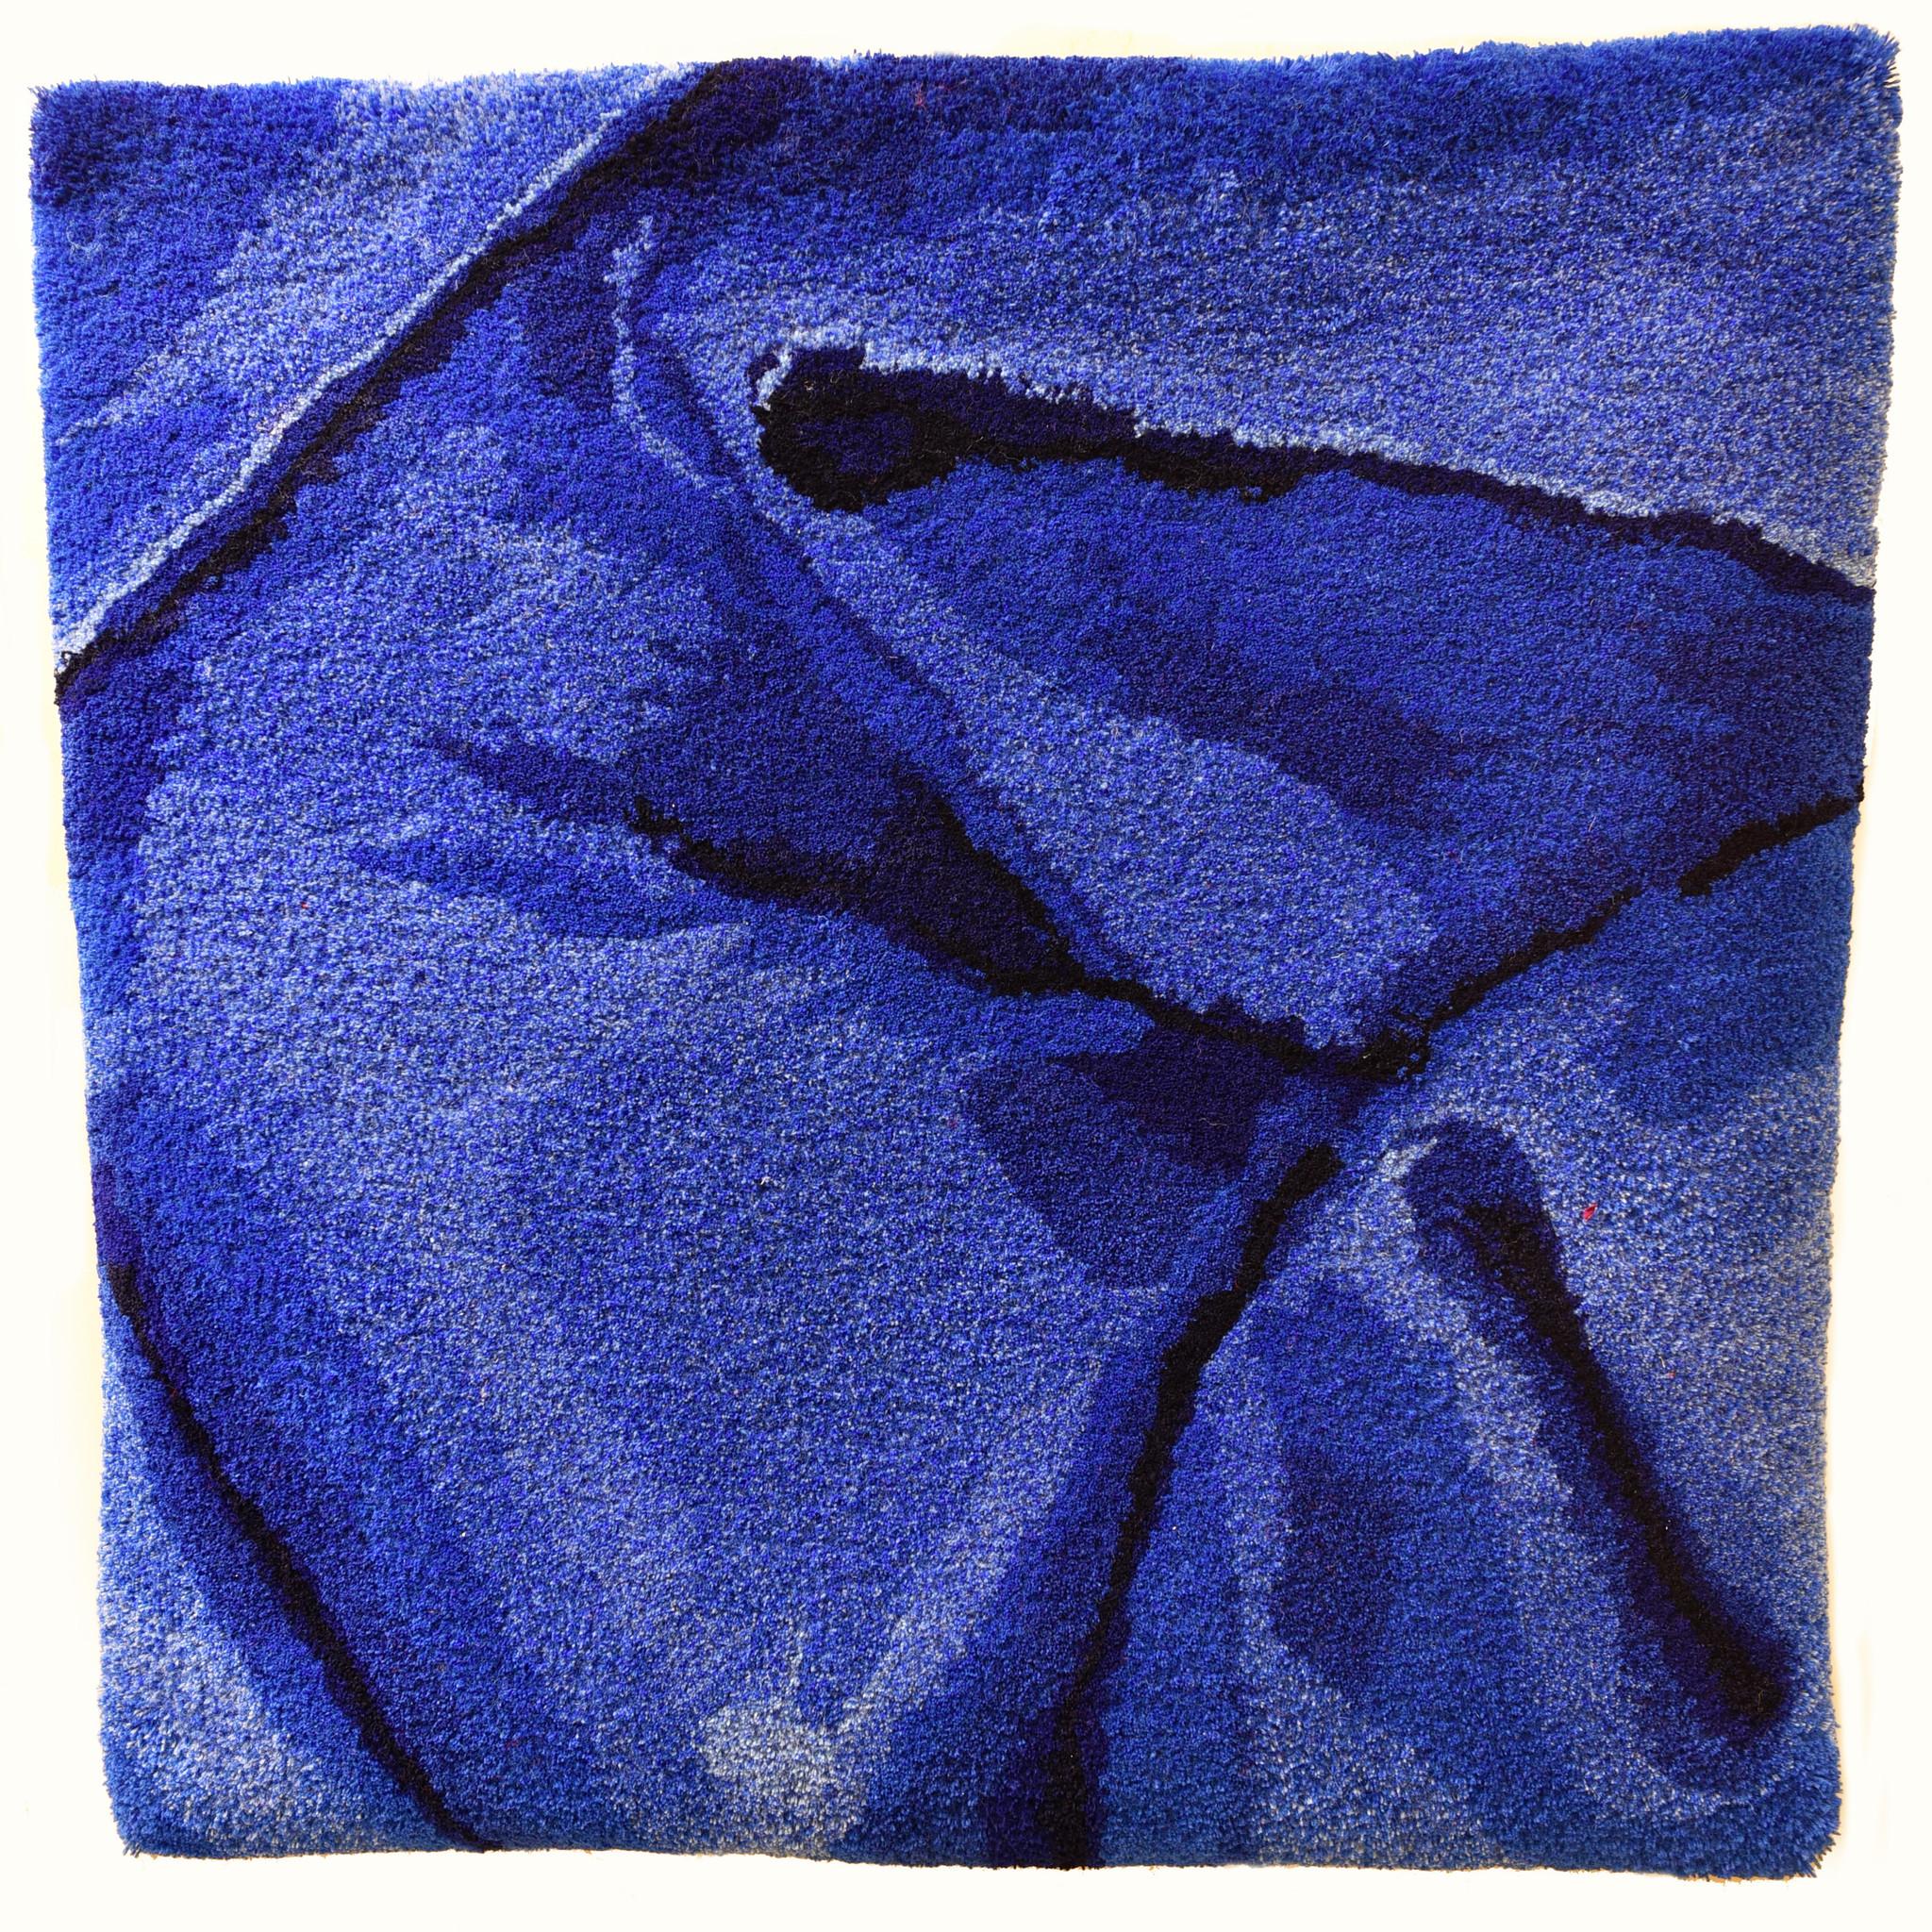 Vera Vermeersch Wandtapijt blauw - Vera Vermeersch